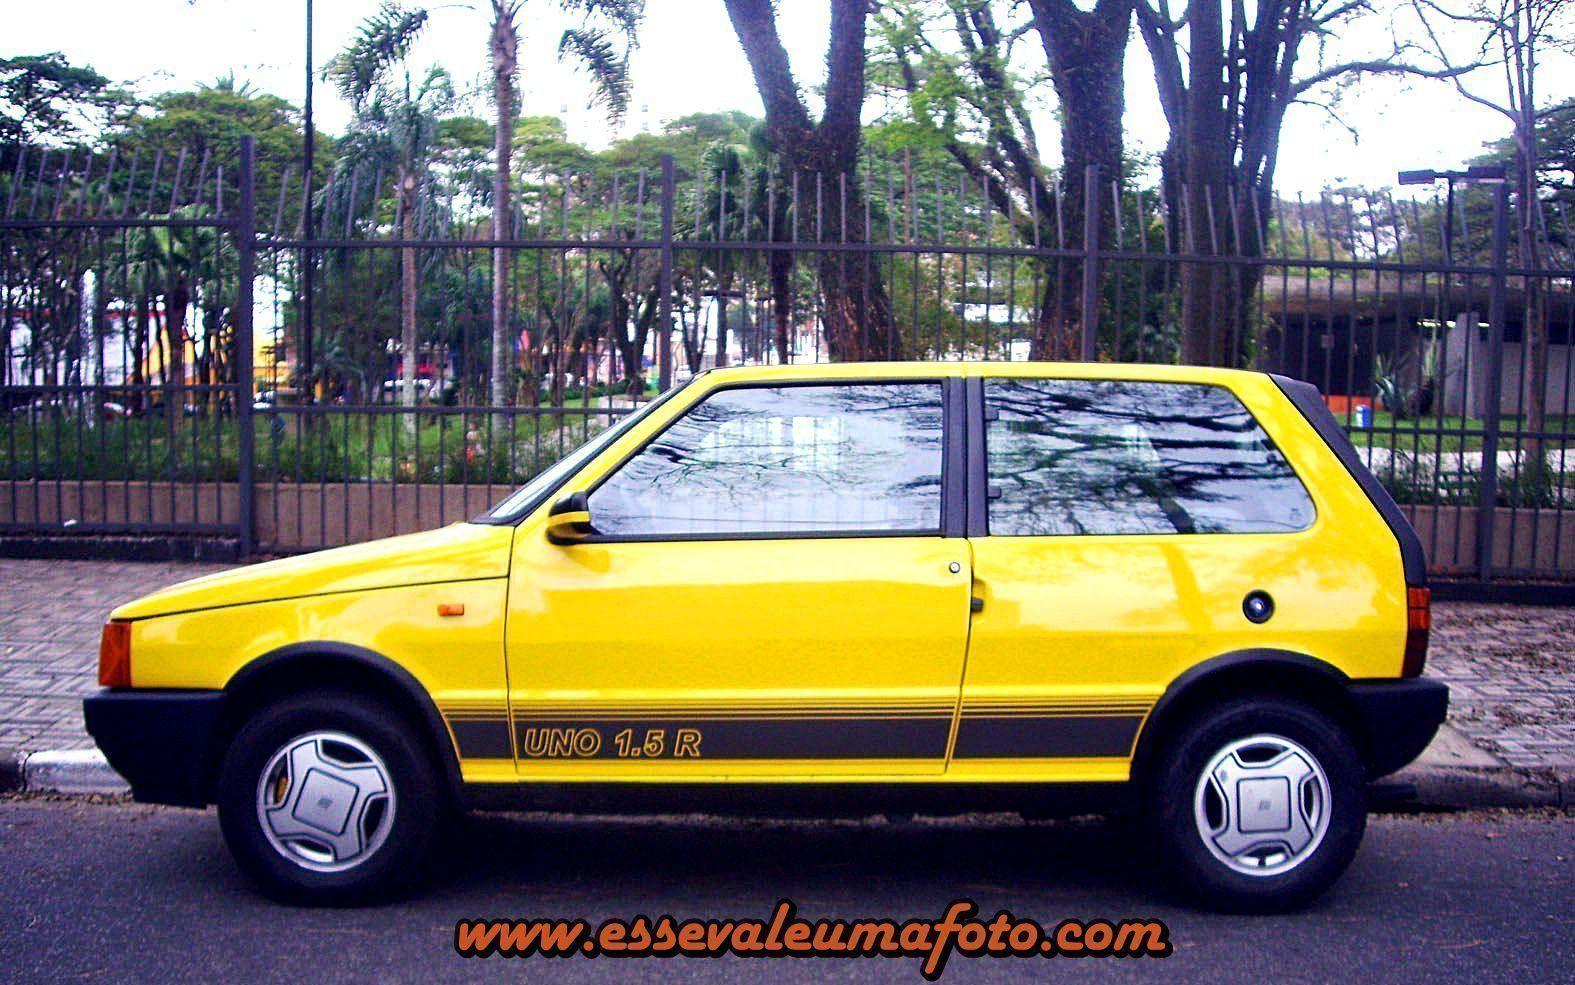 Uno 1.5 R 1987 Motor Tudo (4)